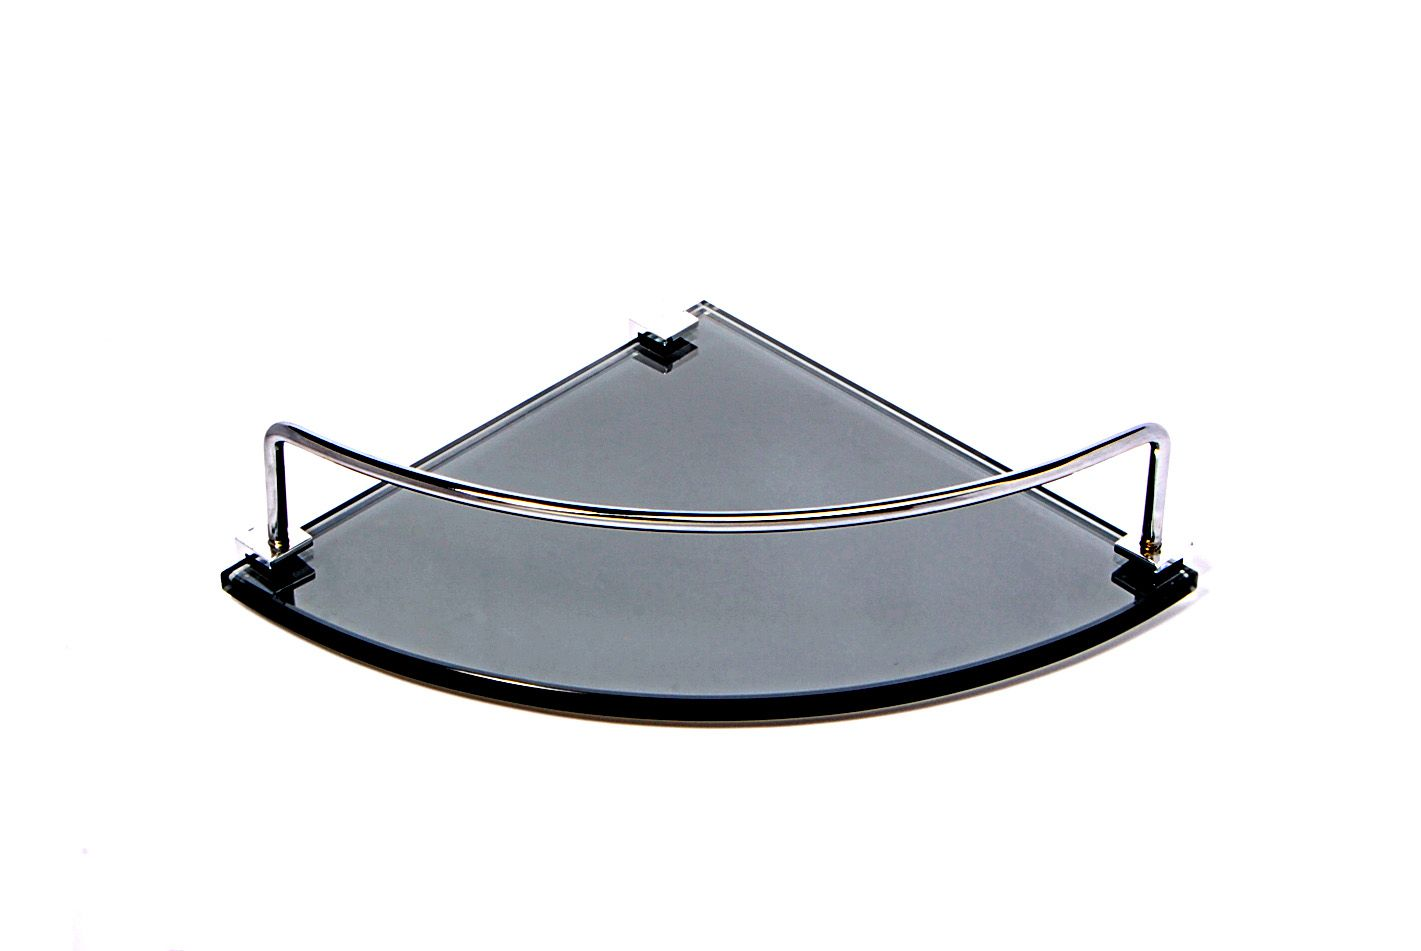 Porta Shampoo de Canto Curvo em Vidro Refletivo Lapidado - Aquabox  - 20cmx20cmx8mm